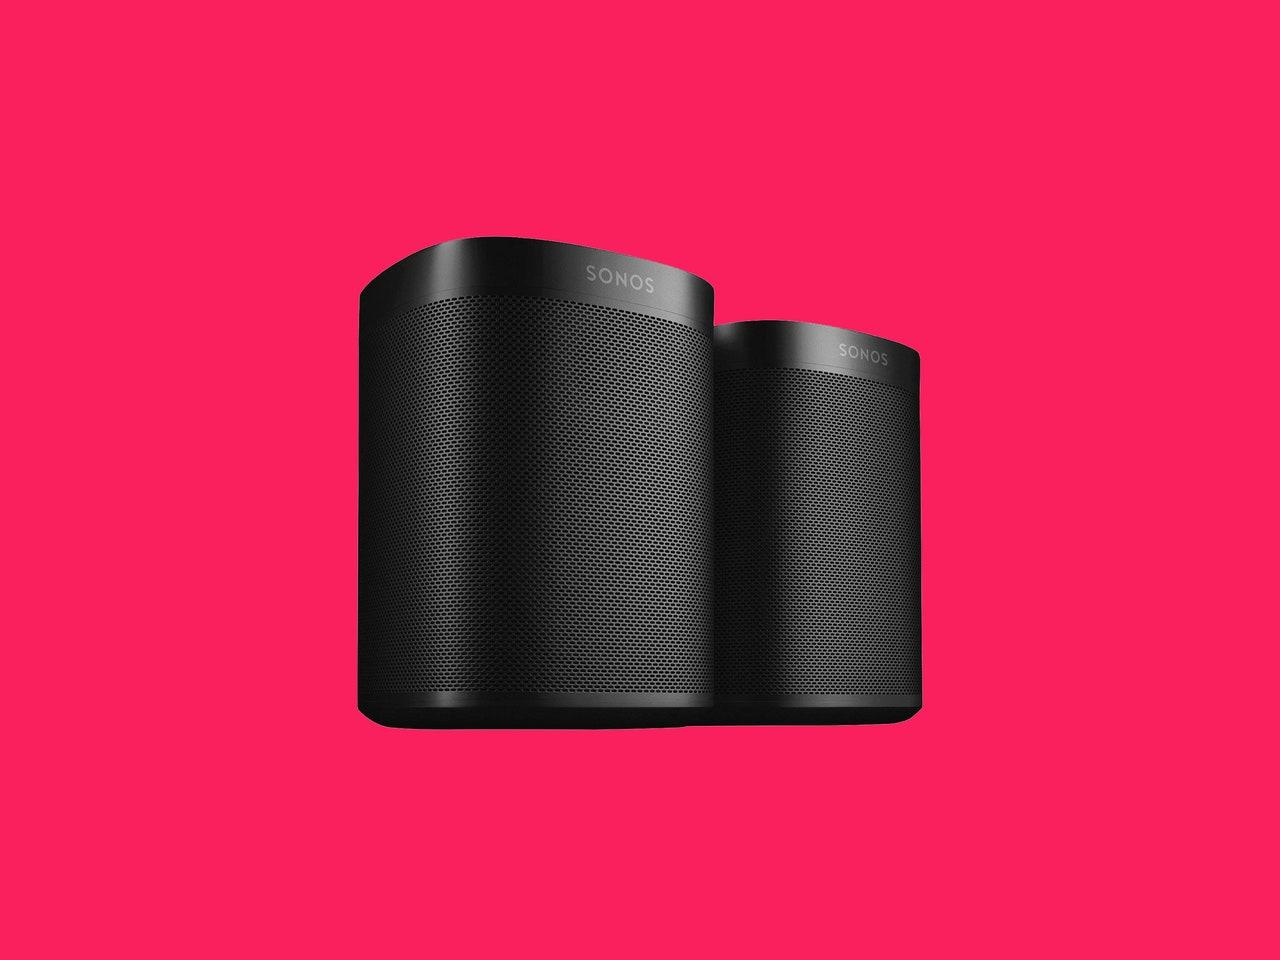 Loa Sonos tốt nhất Loa Sonos One